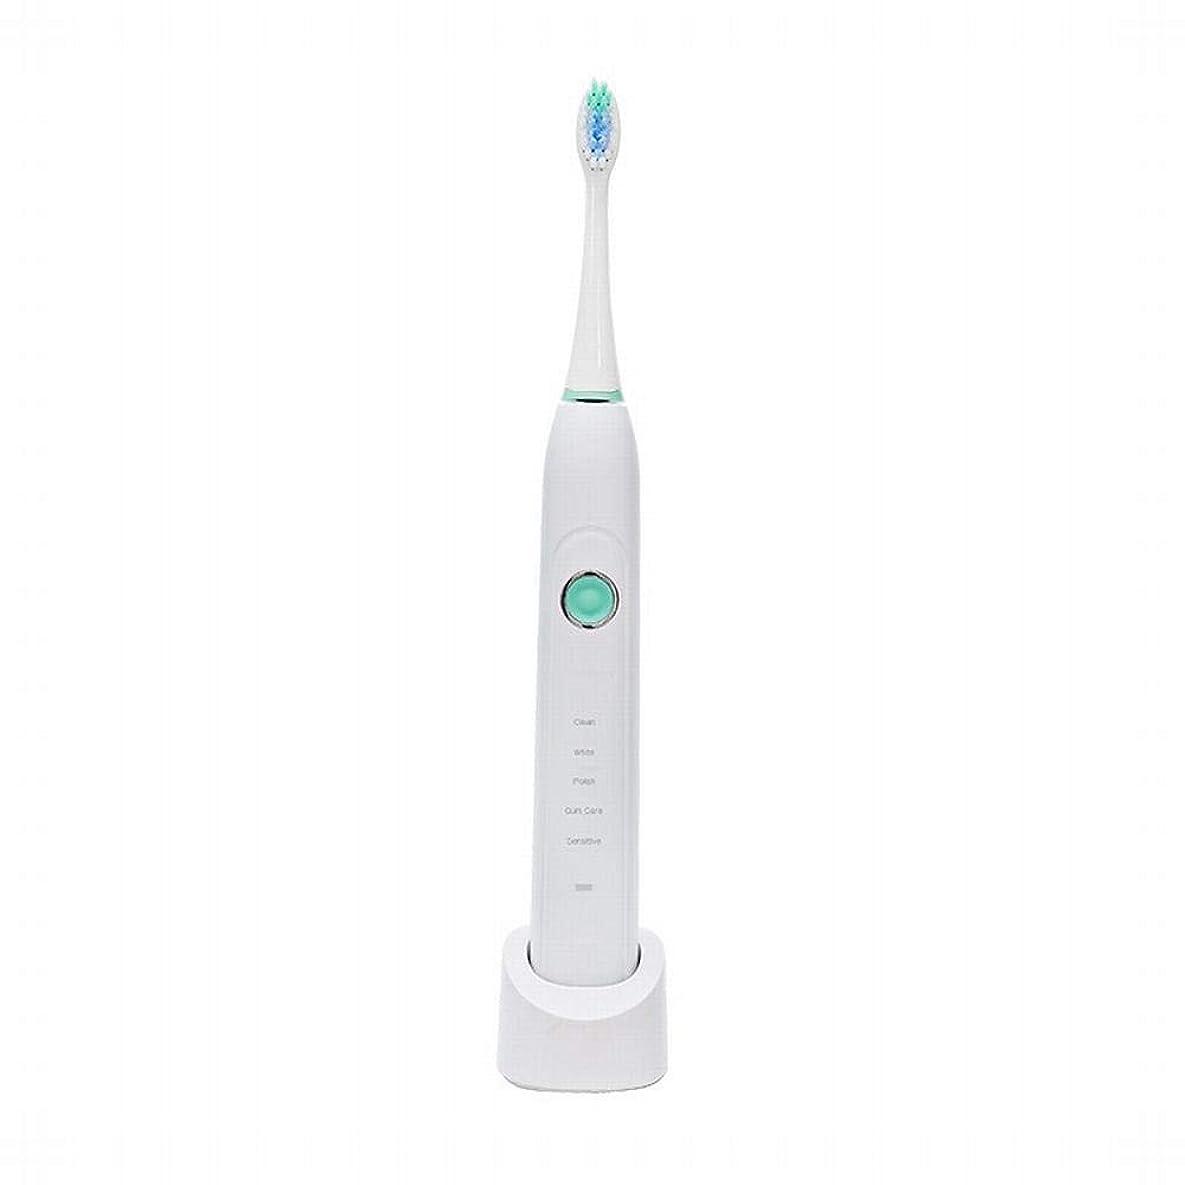 パフ倍率陽気なBOBIDYEE 電動歯ブラシ自動怠zyな音波成人充電式電動歯ブラシ歯ブラシヘッド電動歯ブラシヘッドフィリップスソニッケアー歯ブラシヘッド (色 : White)